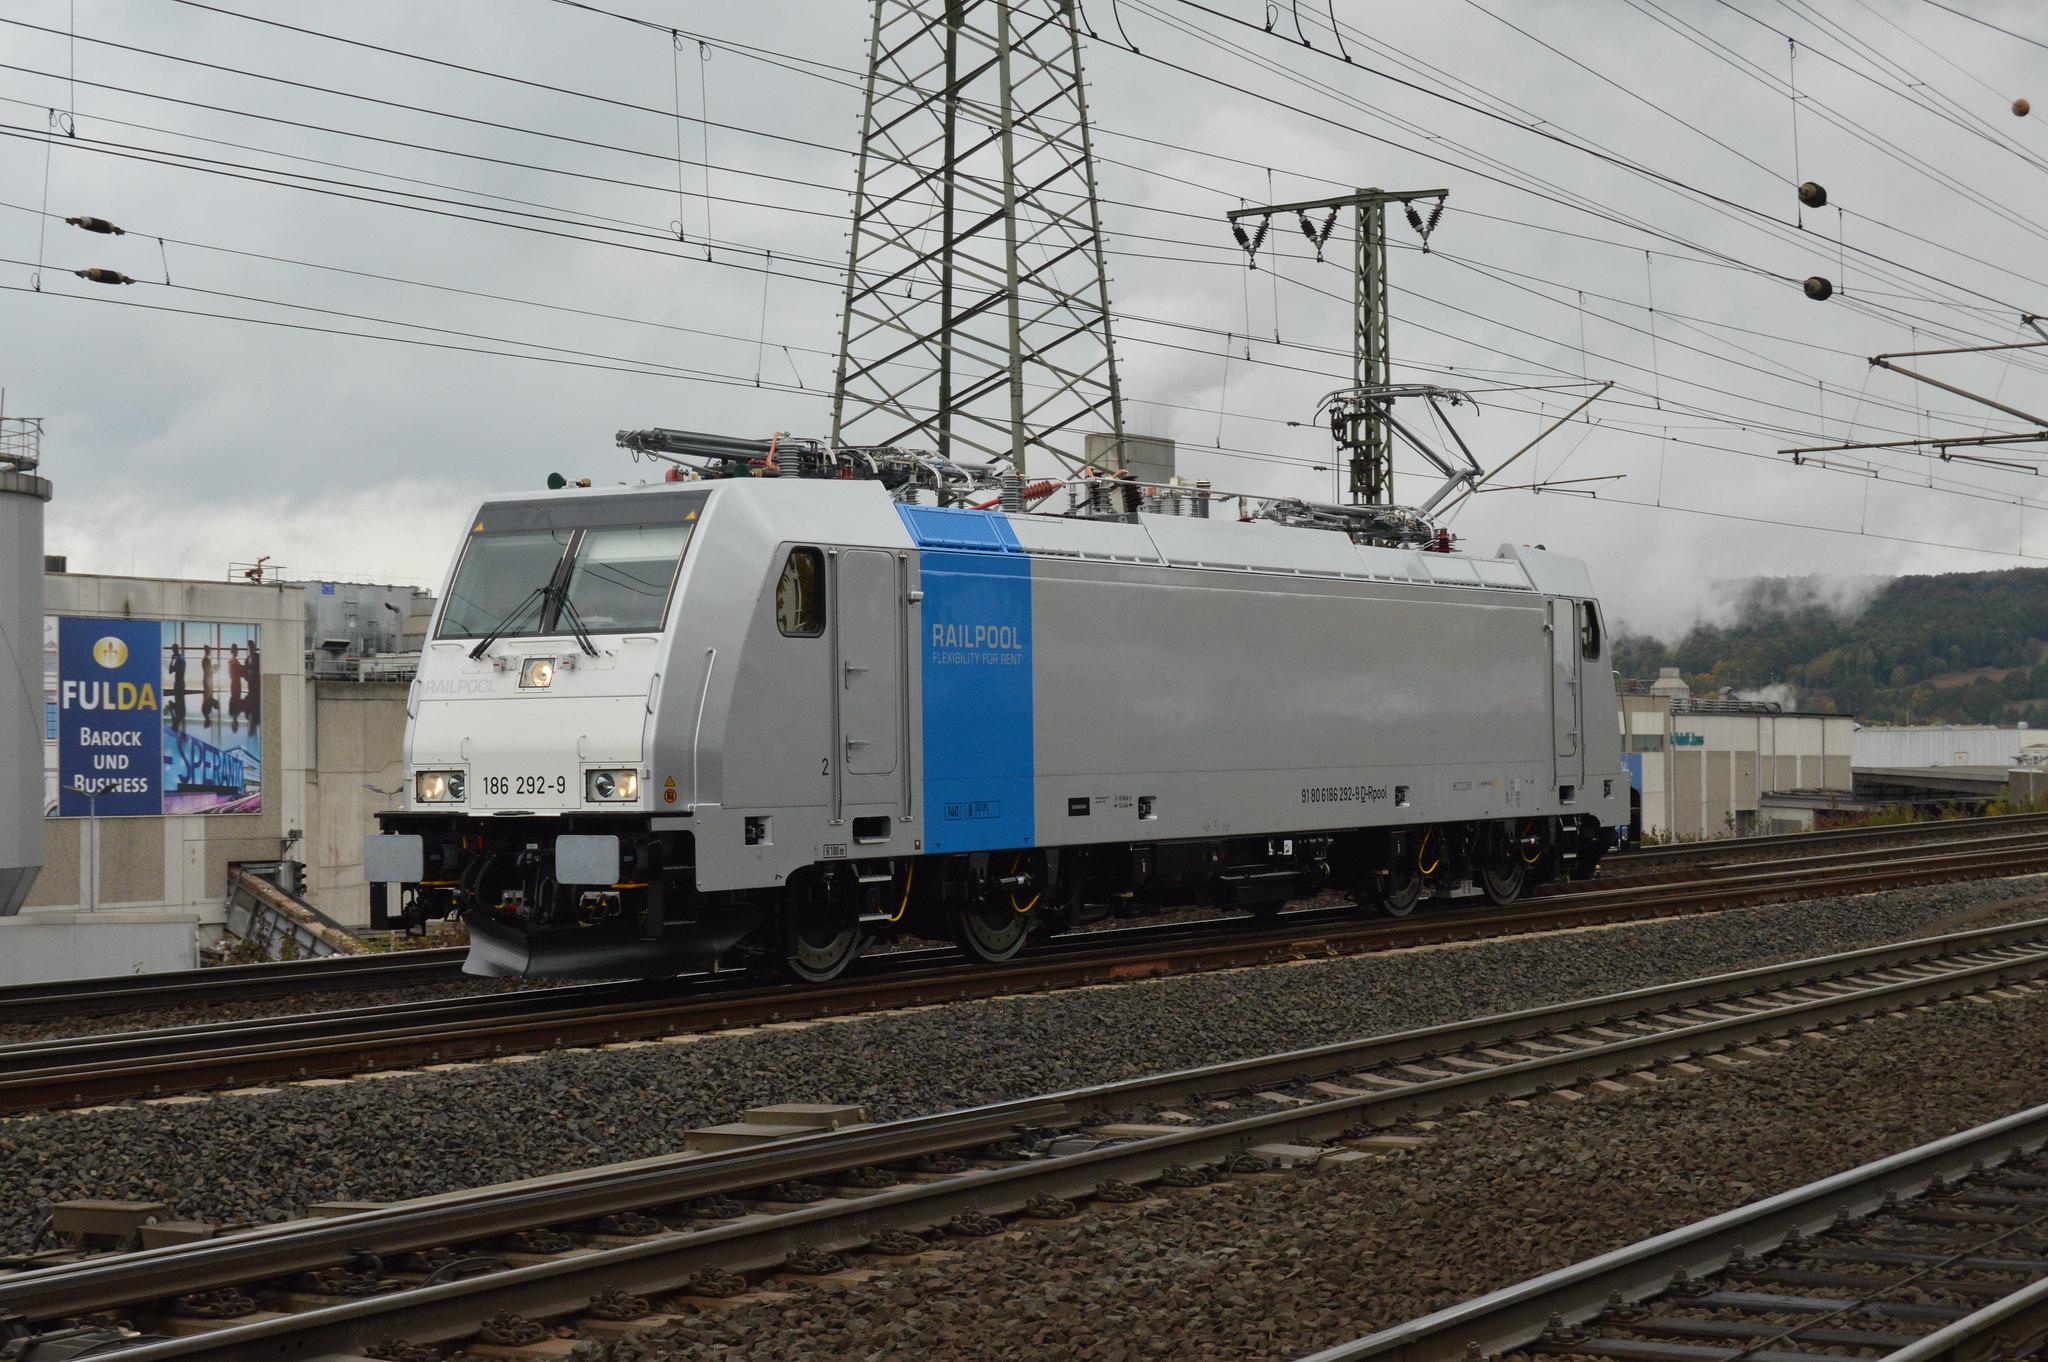 Railpool 186 292  Fulda